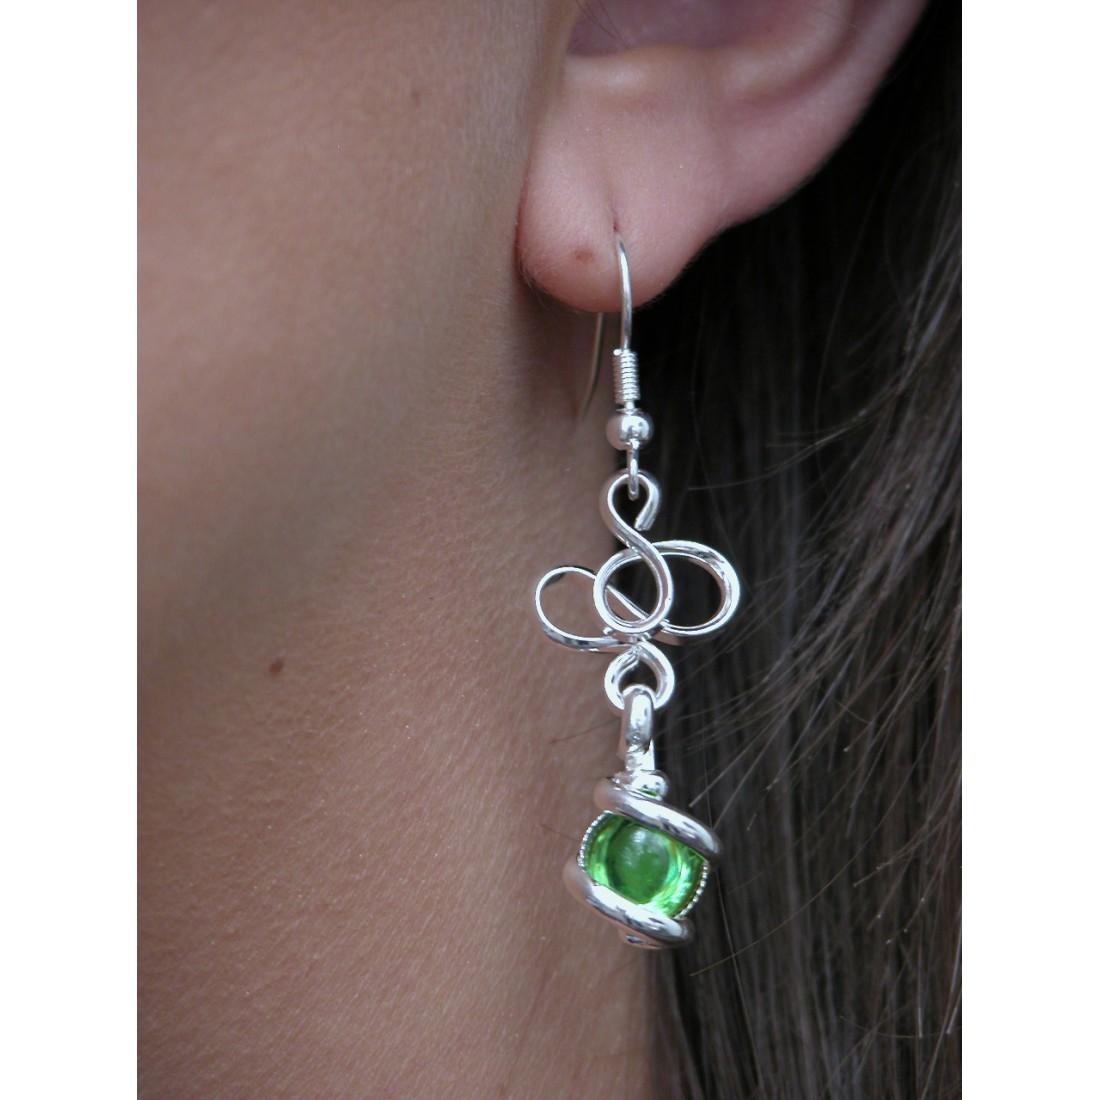 Boucles d'oreilles vertes.